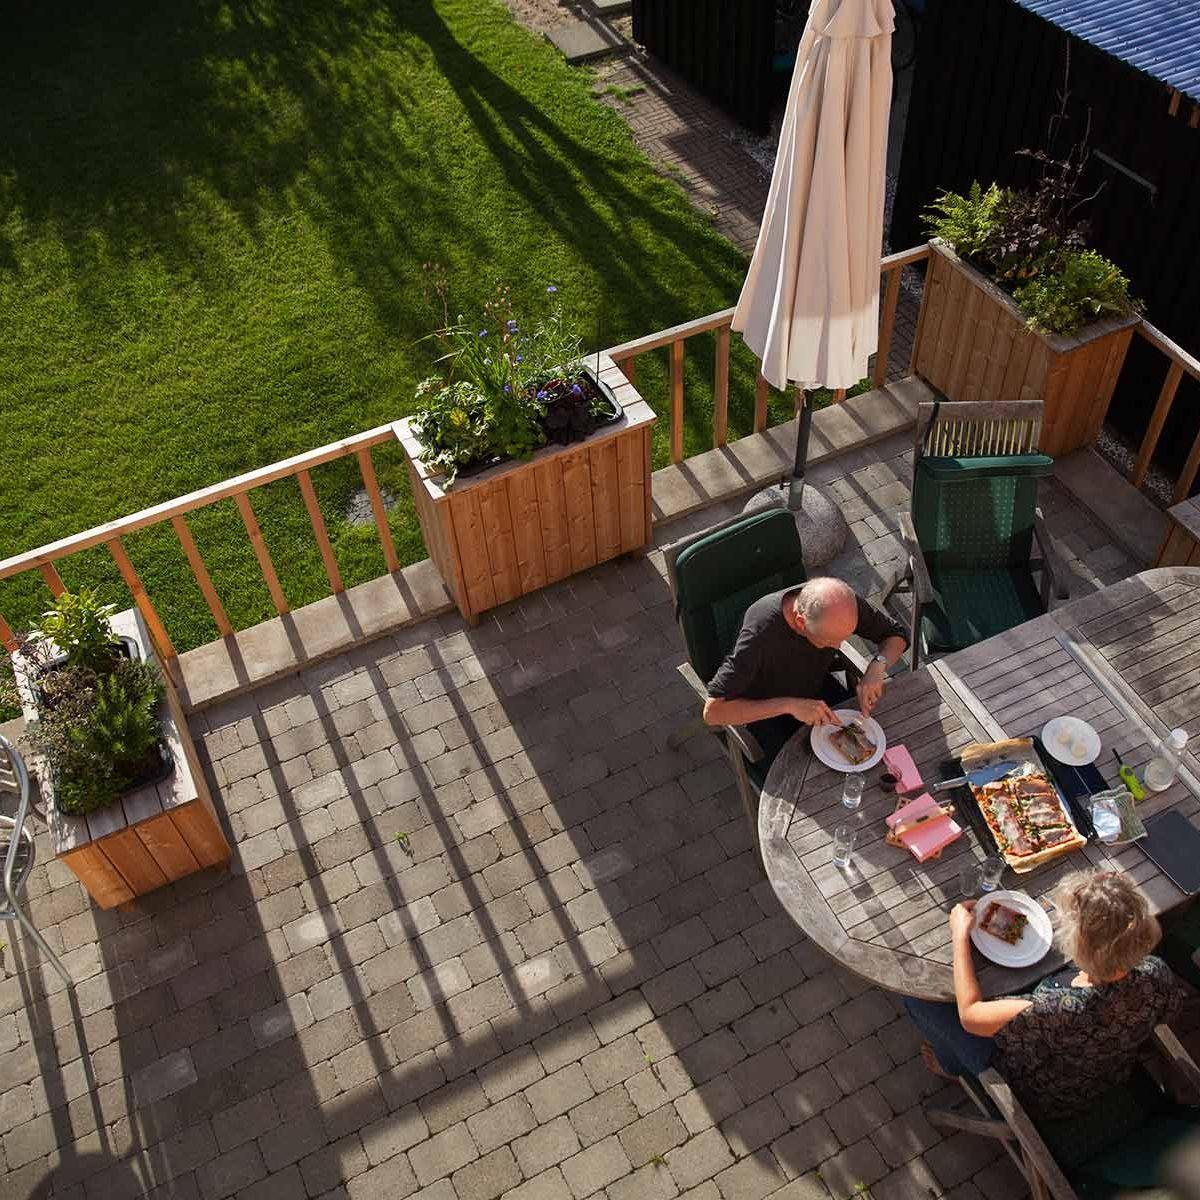 Plantekasser udendørs - indendørs og udendørs plantekasser tilbydes